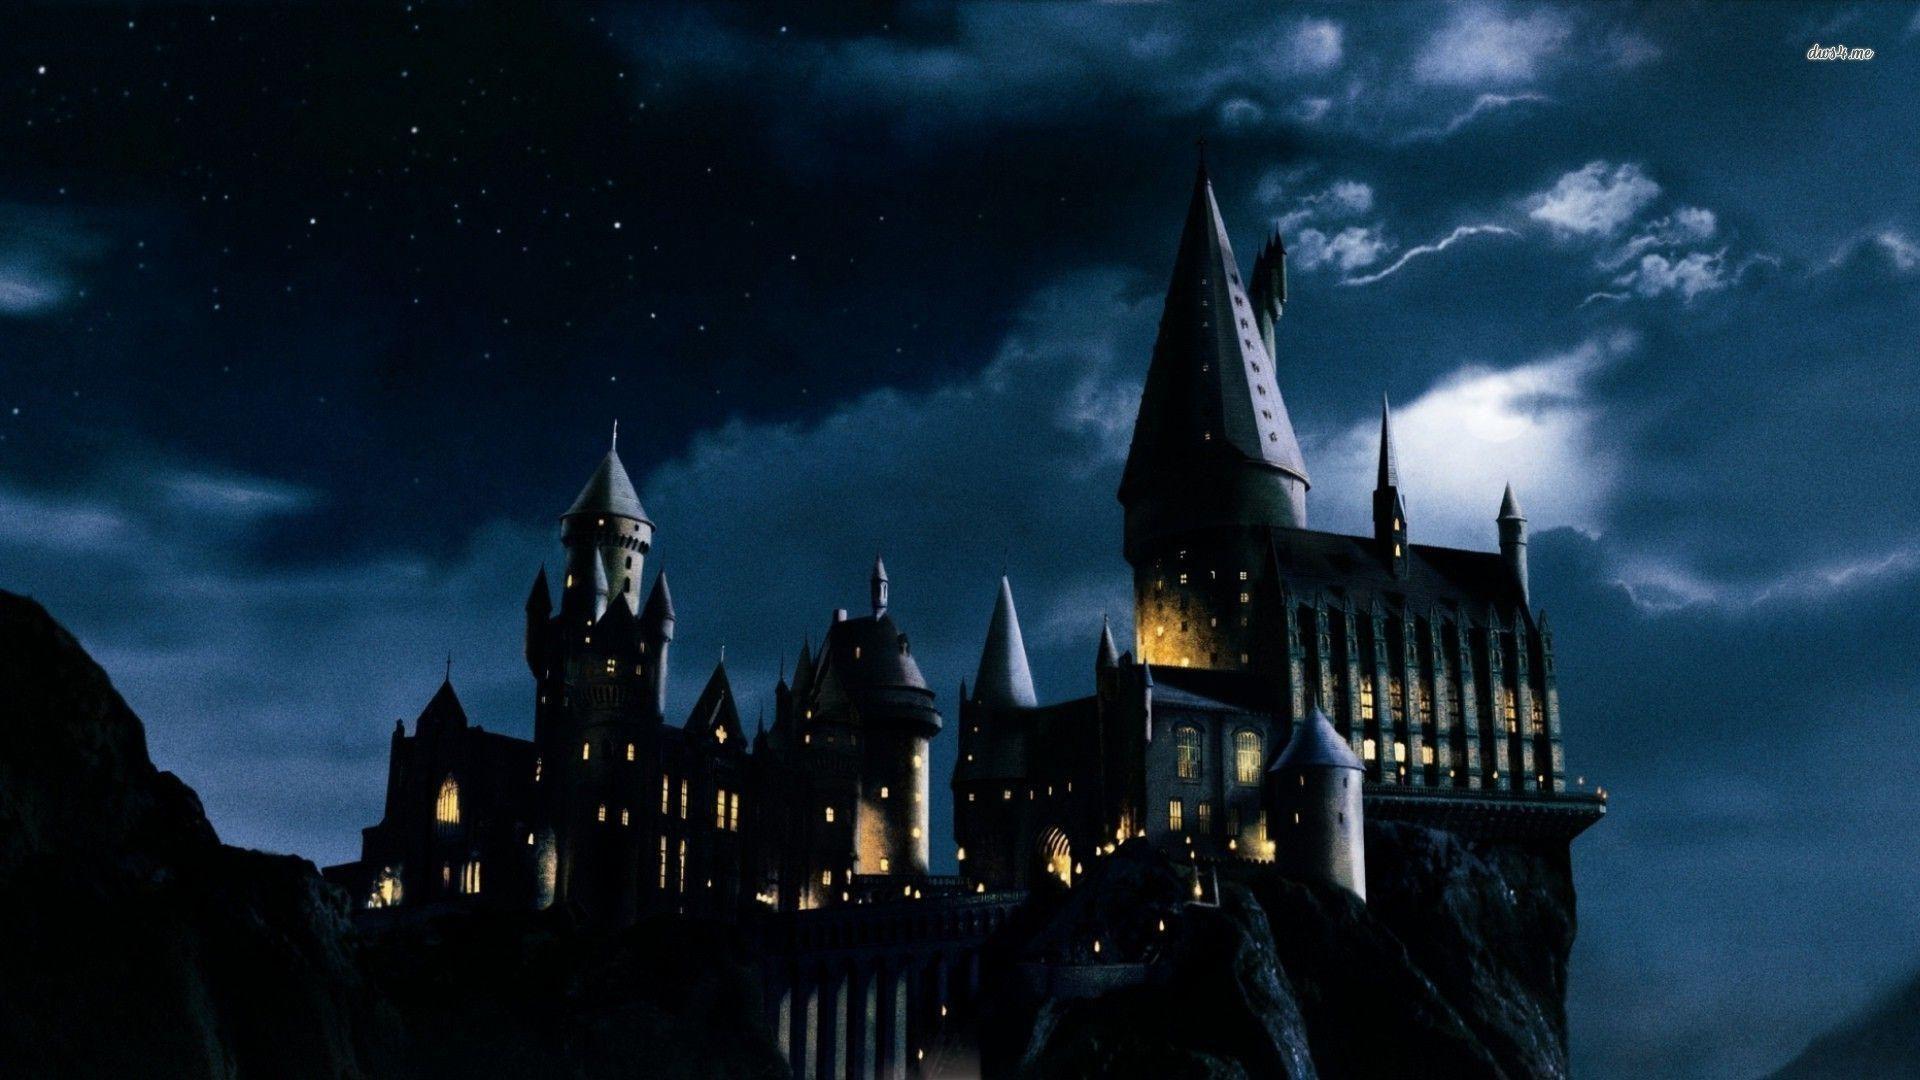 Hogwarts Wallpaper In 2020 Harry Potter Wallpaper Hogwarts Professors Harry Potter Fan Theories